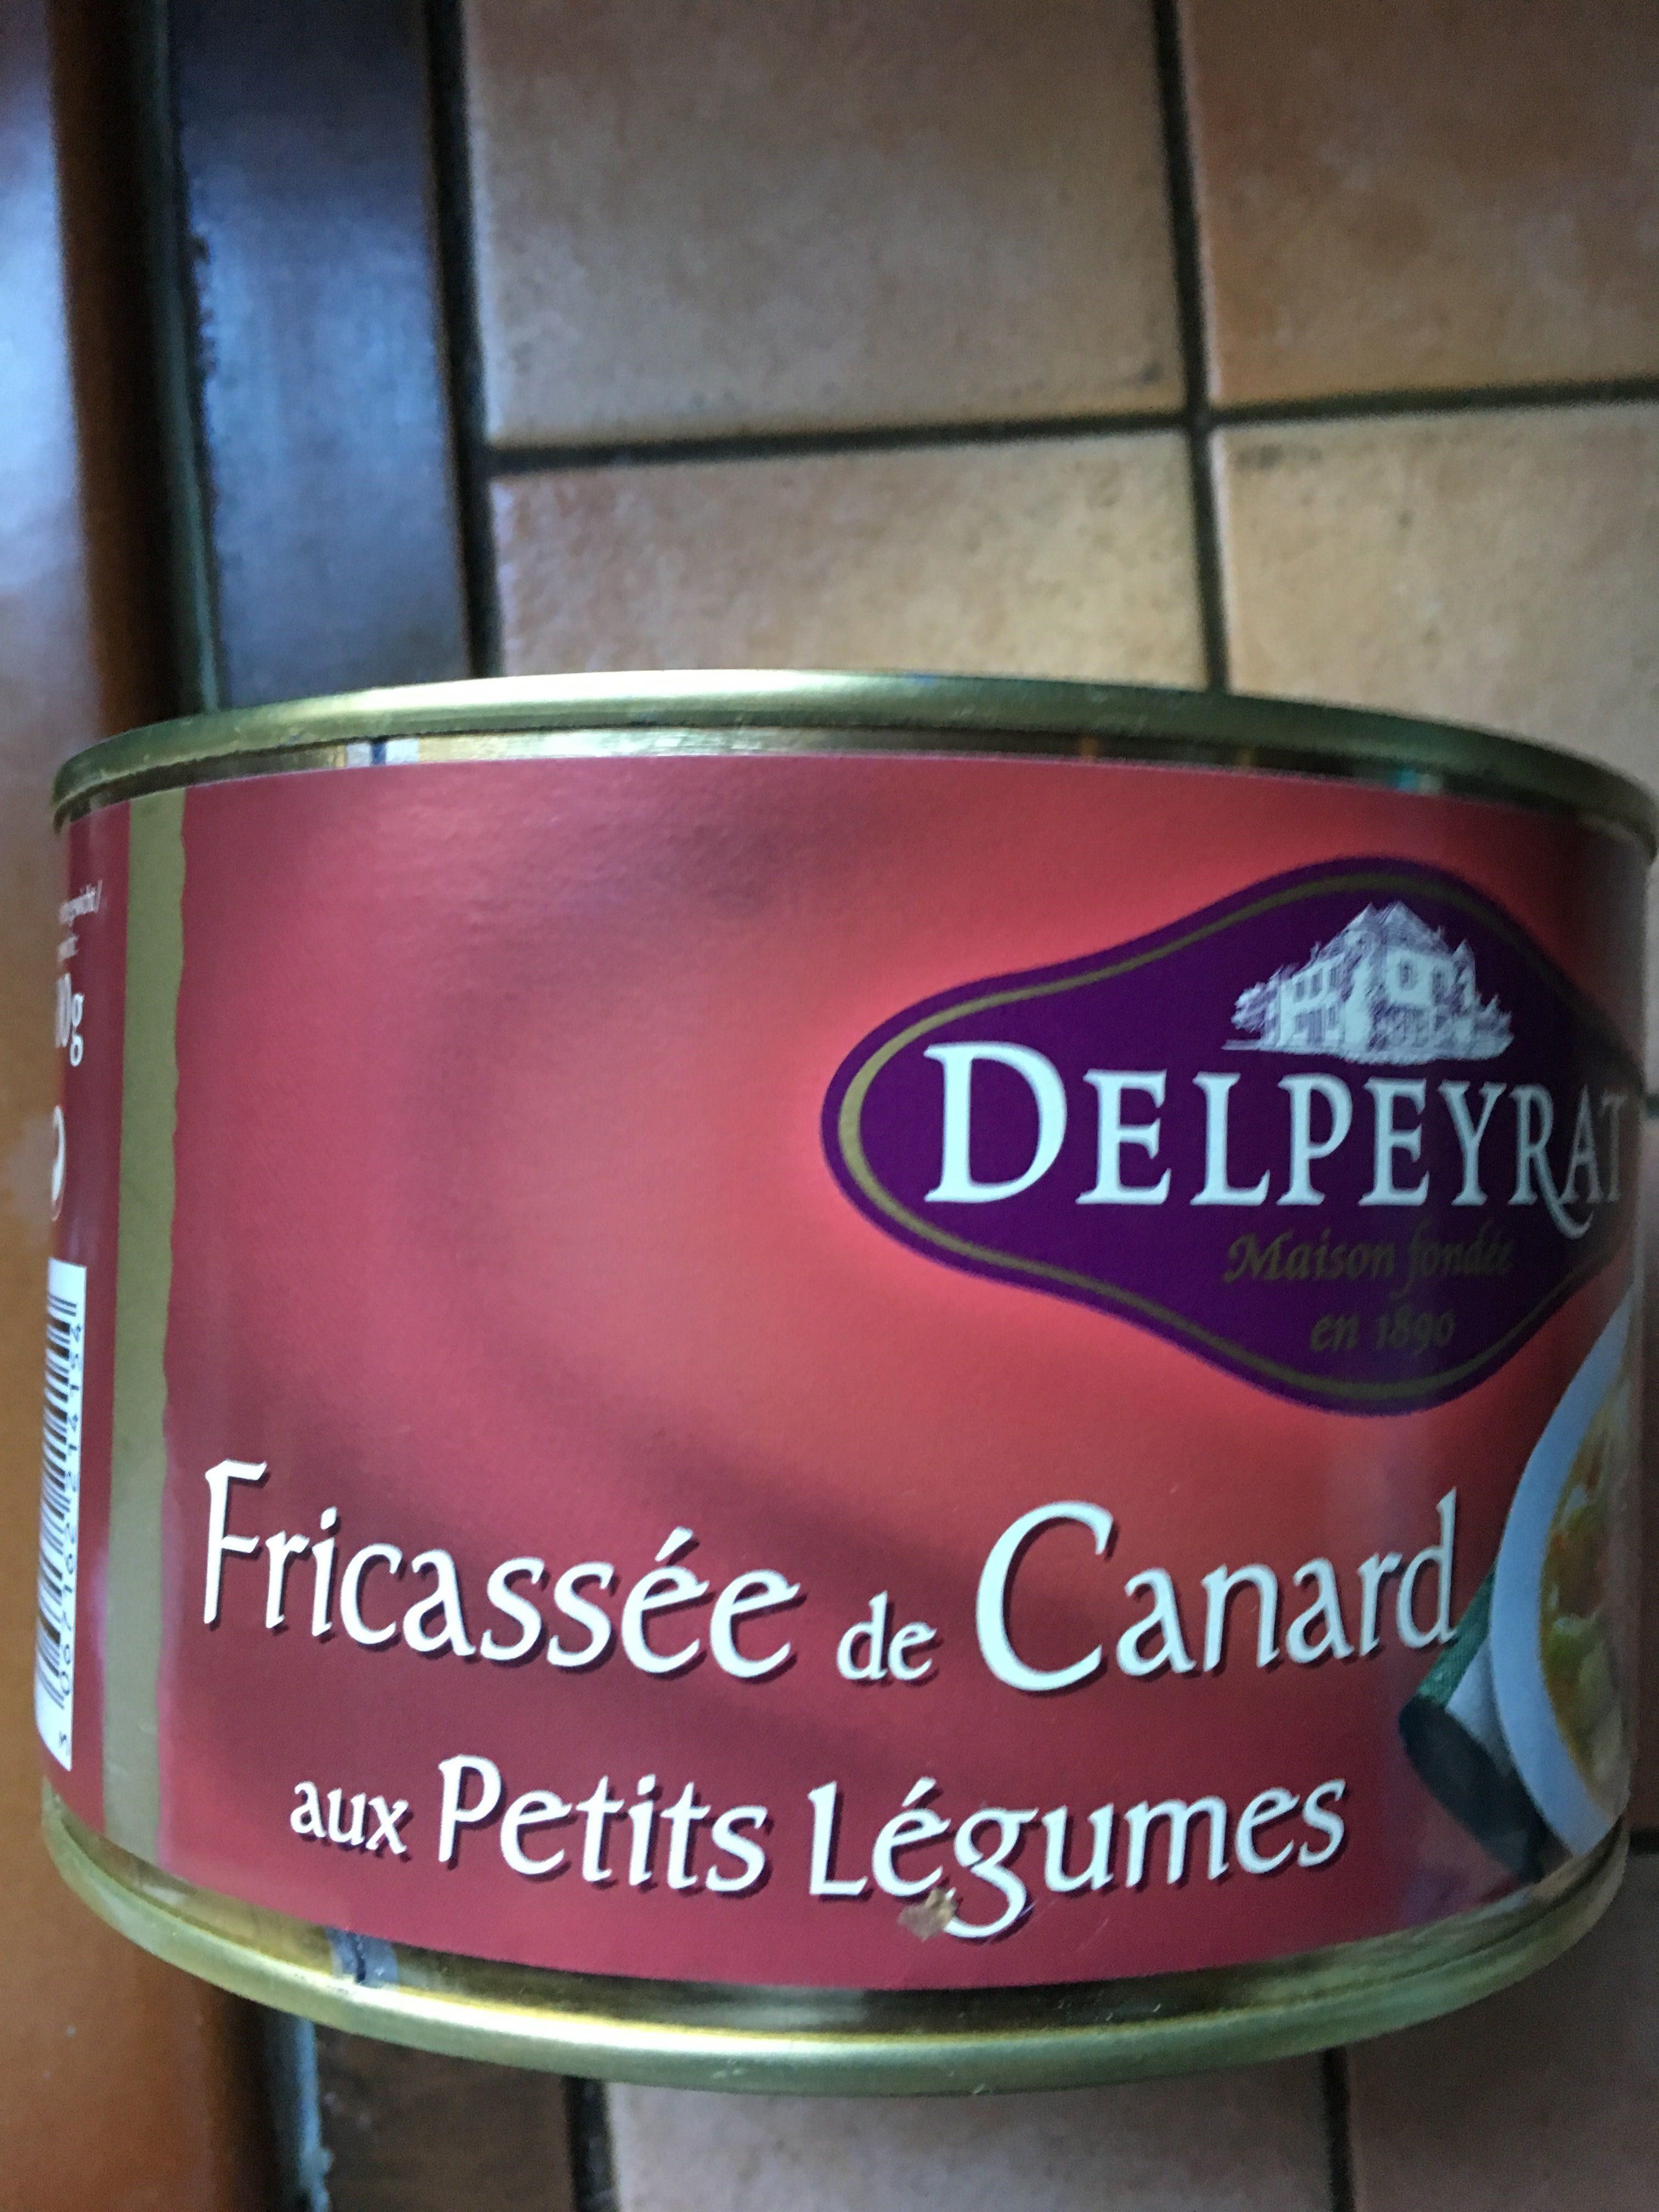 Delpeyrat Fricassée De Canard Petits Légumes Boîte 1.5kg - Product - fr